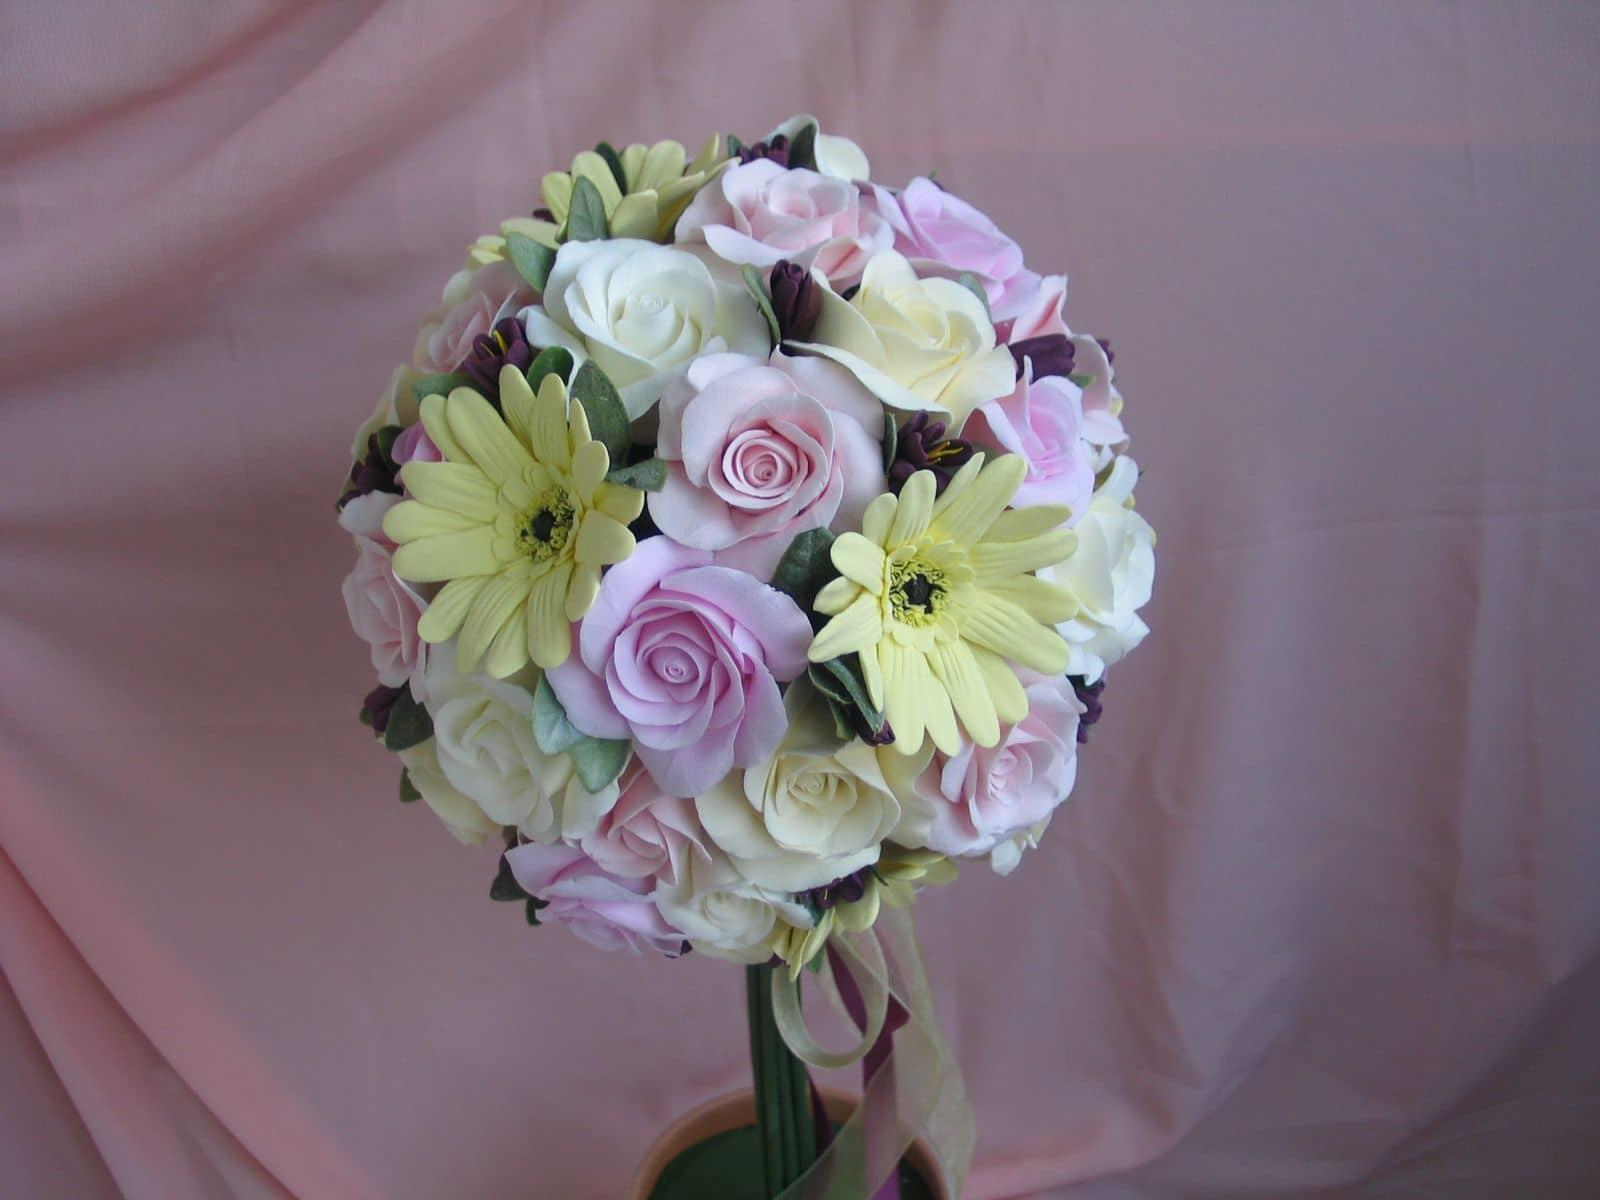 Топиарий из цветов смотрится очень красиво и оригинально. Часто их ставят не только в квартире, но и в офисах, так как они актуальны везде и способны украсить любое помещение